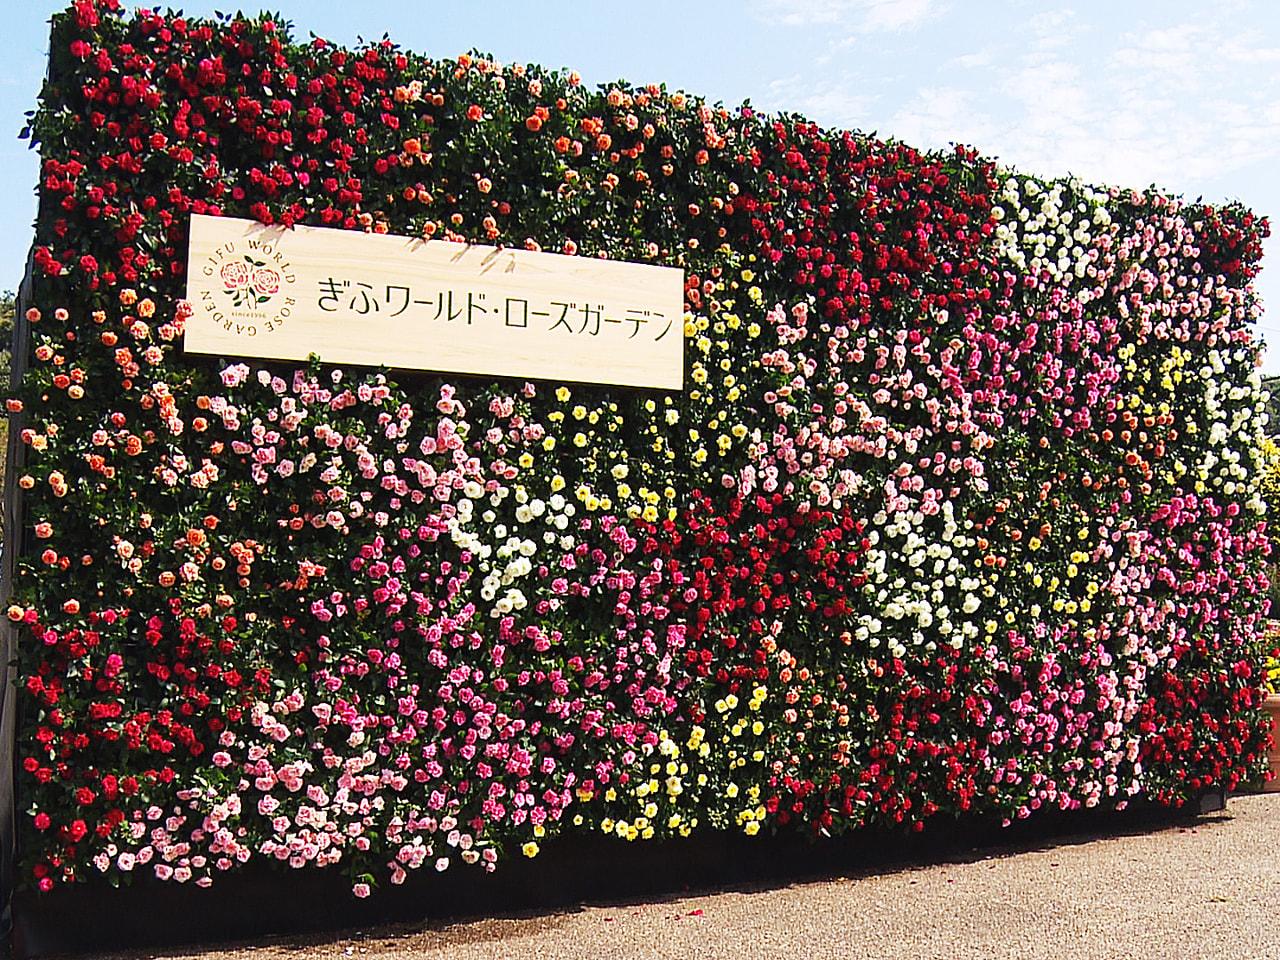 岐阜県可児市の「花フェスタ記念公園」が9日、「ぎふワールド・ローズガーデン」と名...